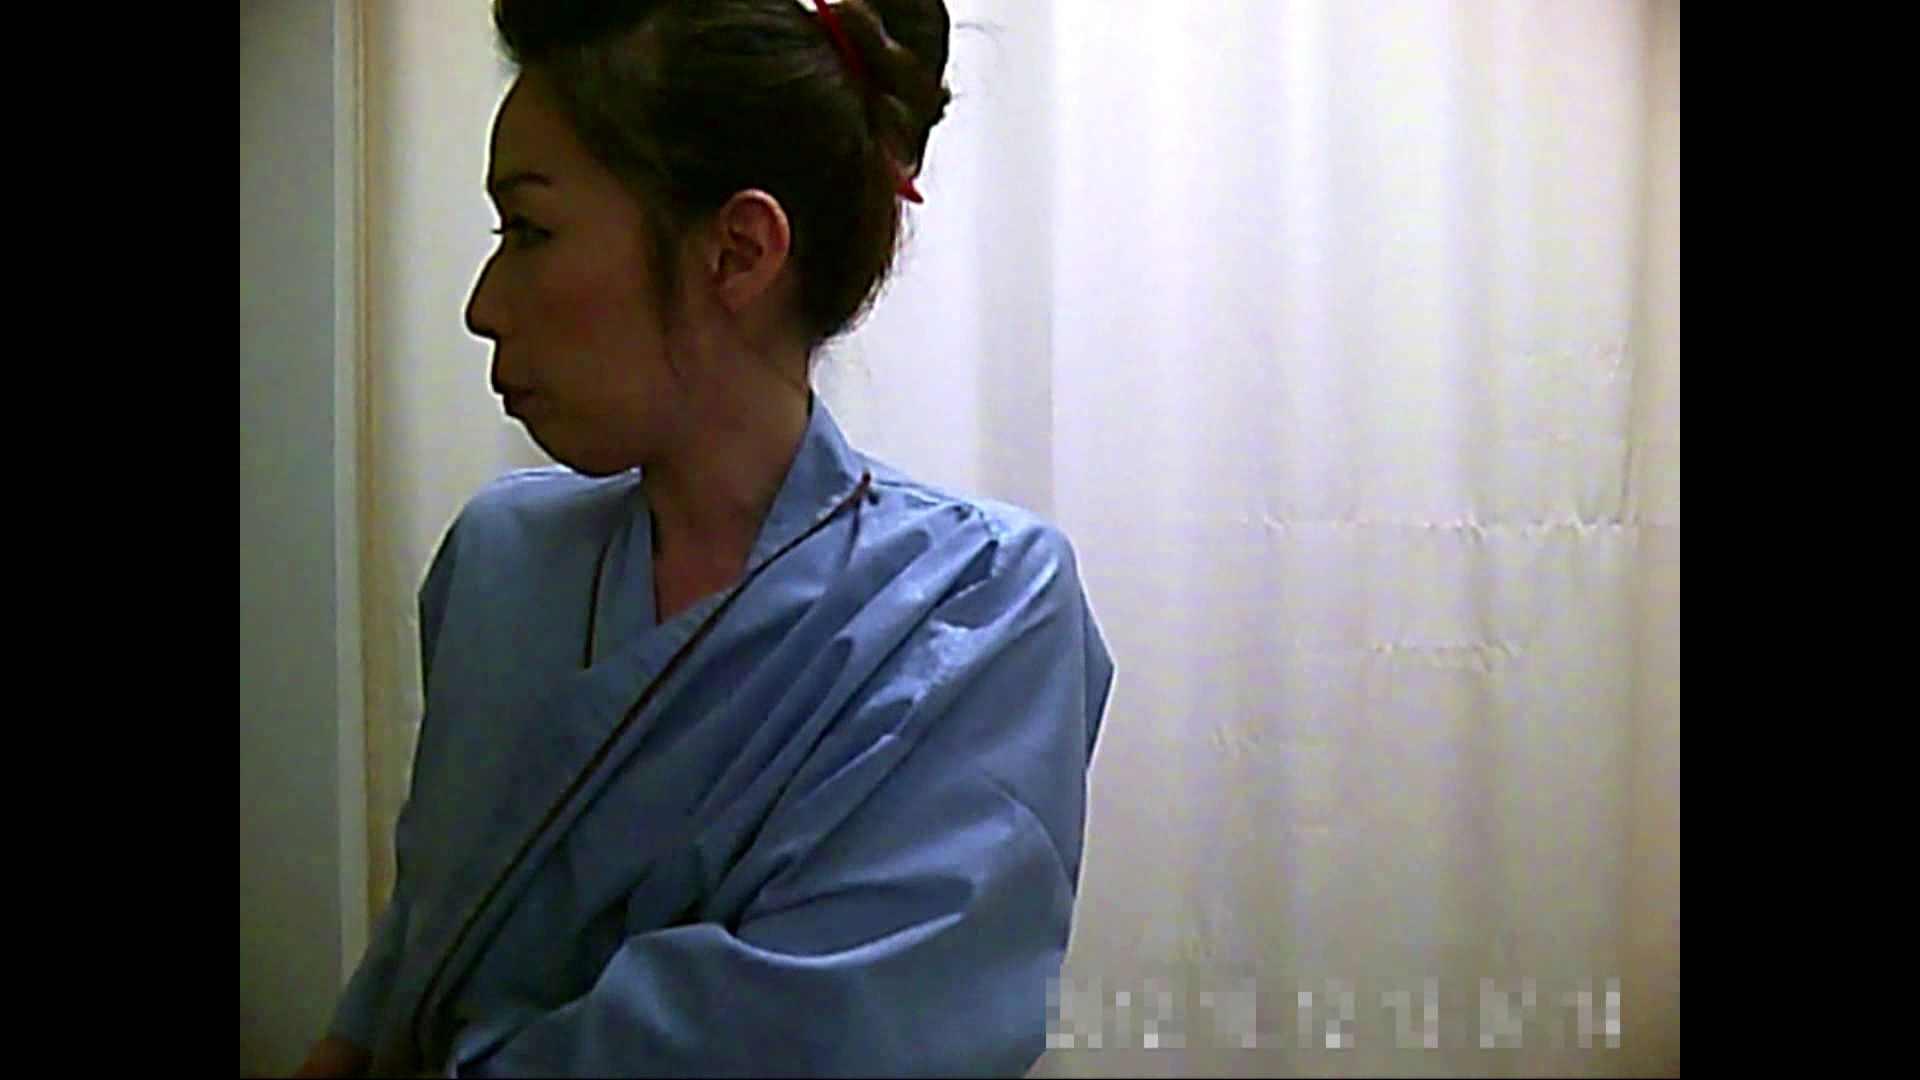 元医者による反抗 更衣室地獄絵巻 vol.061 OLハメ撮り  91Pix 44